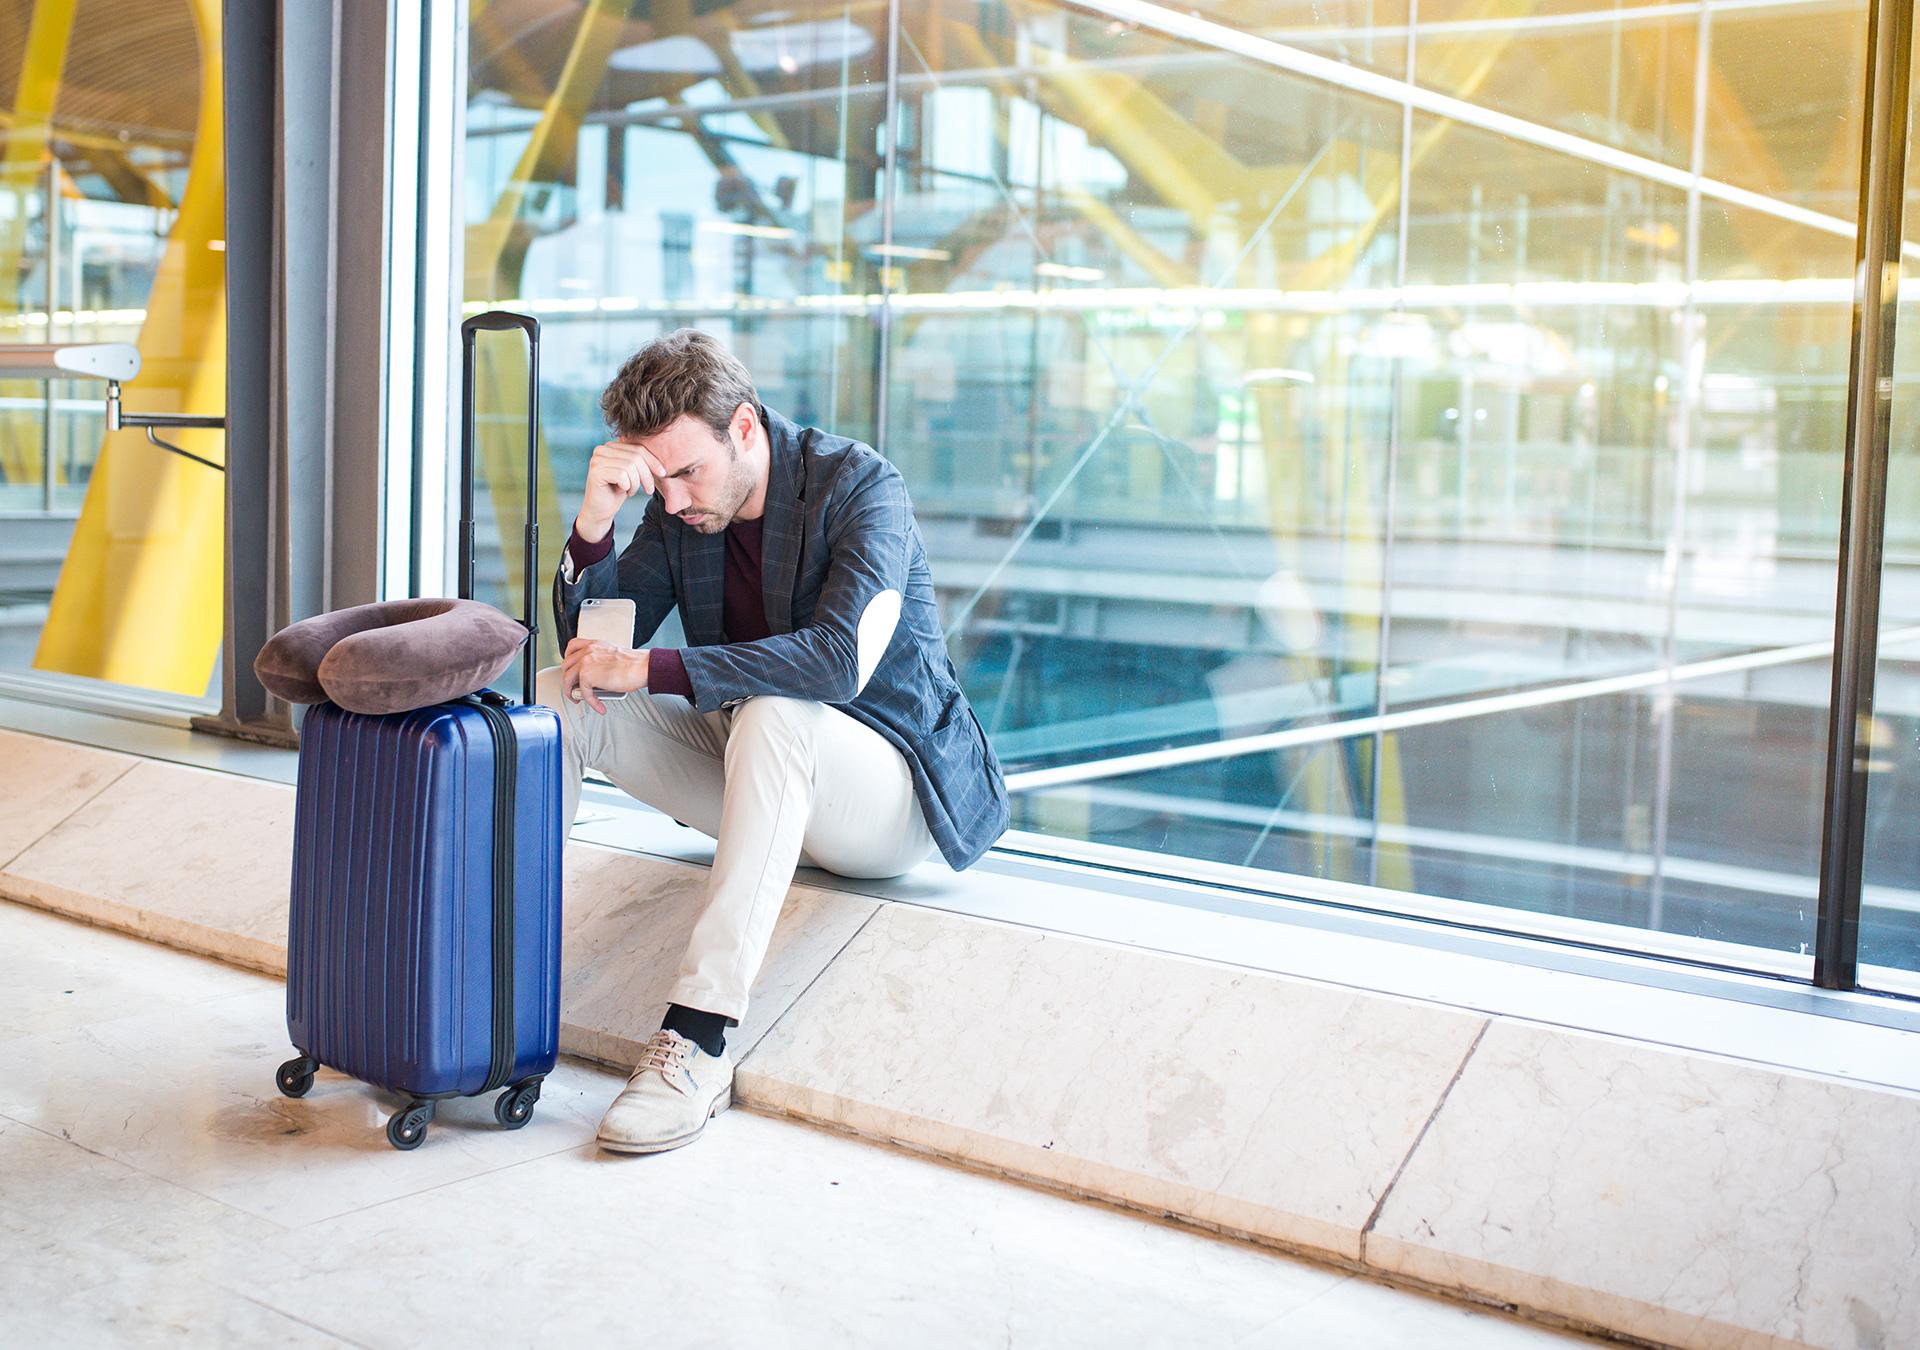 Mann sitzt unglücklich am Flughafen, da sein Flug ausfällt